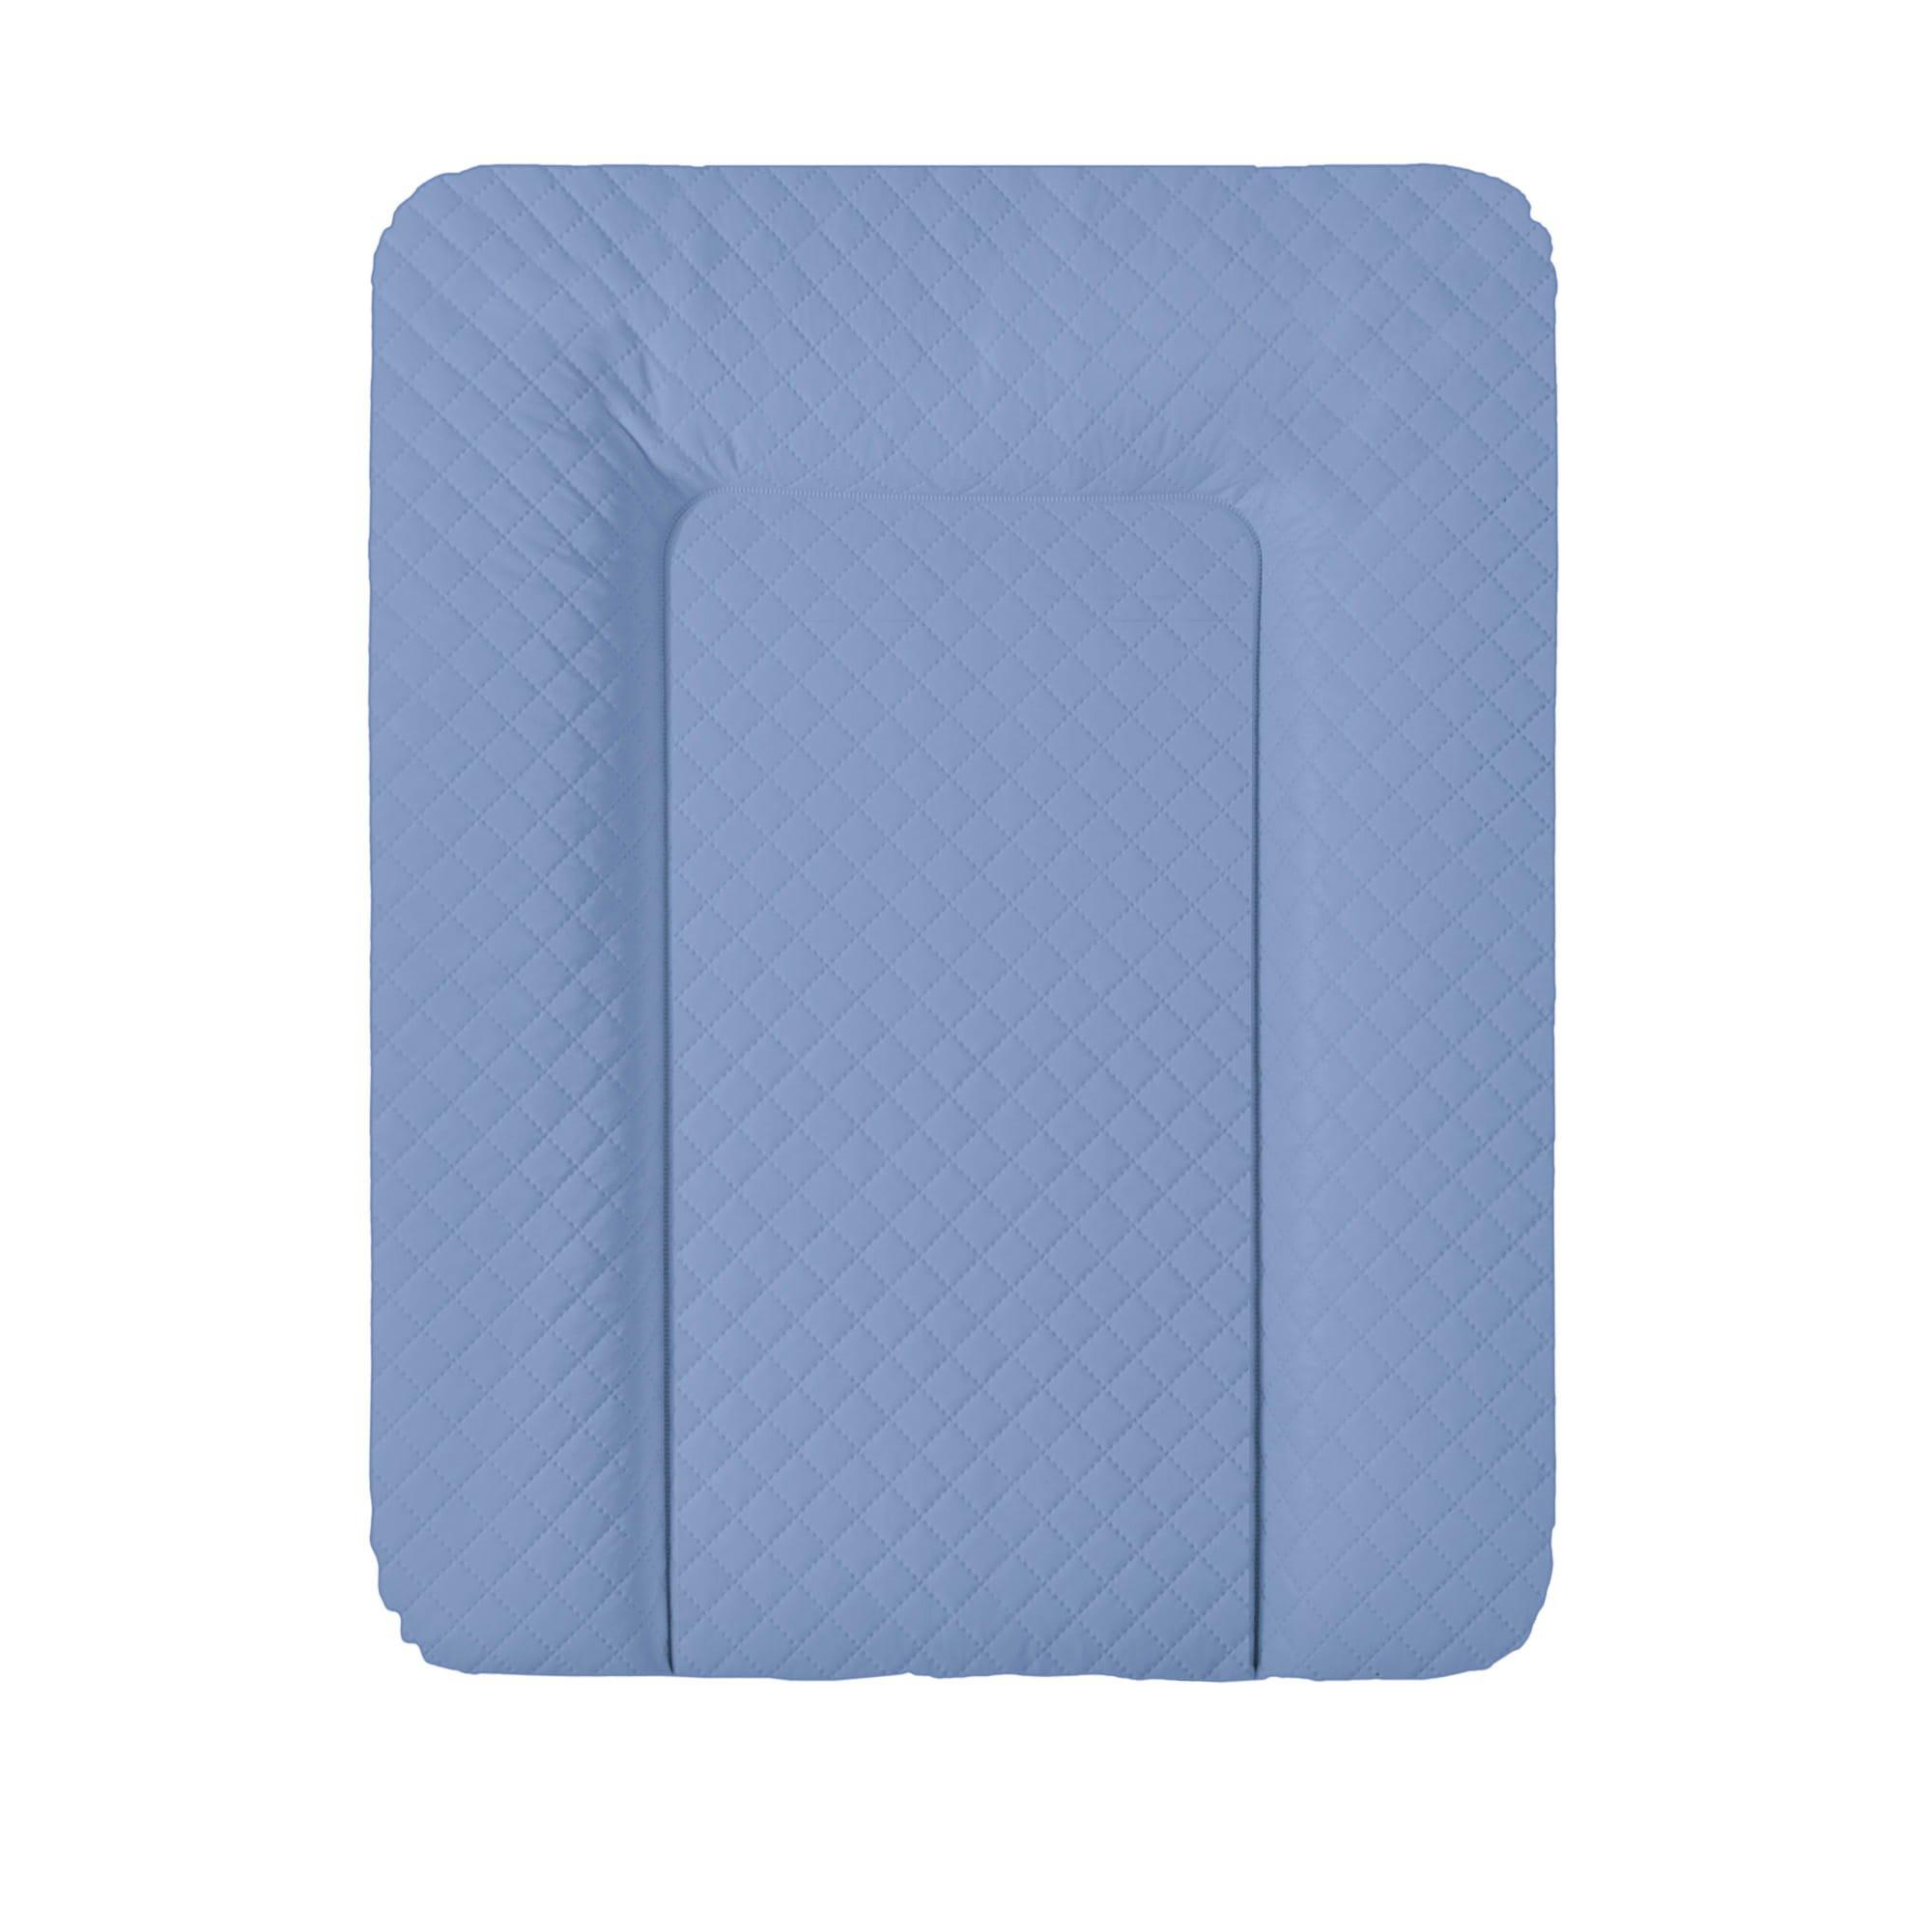 Pøebalovací podložka mìkká 70x50 cm CARO modrá - zvìtšit obrázek